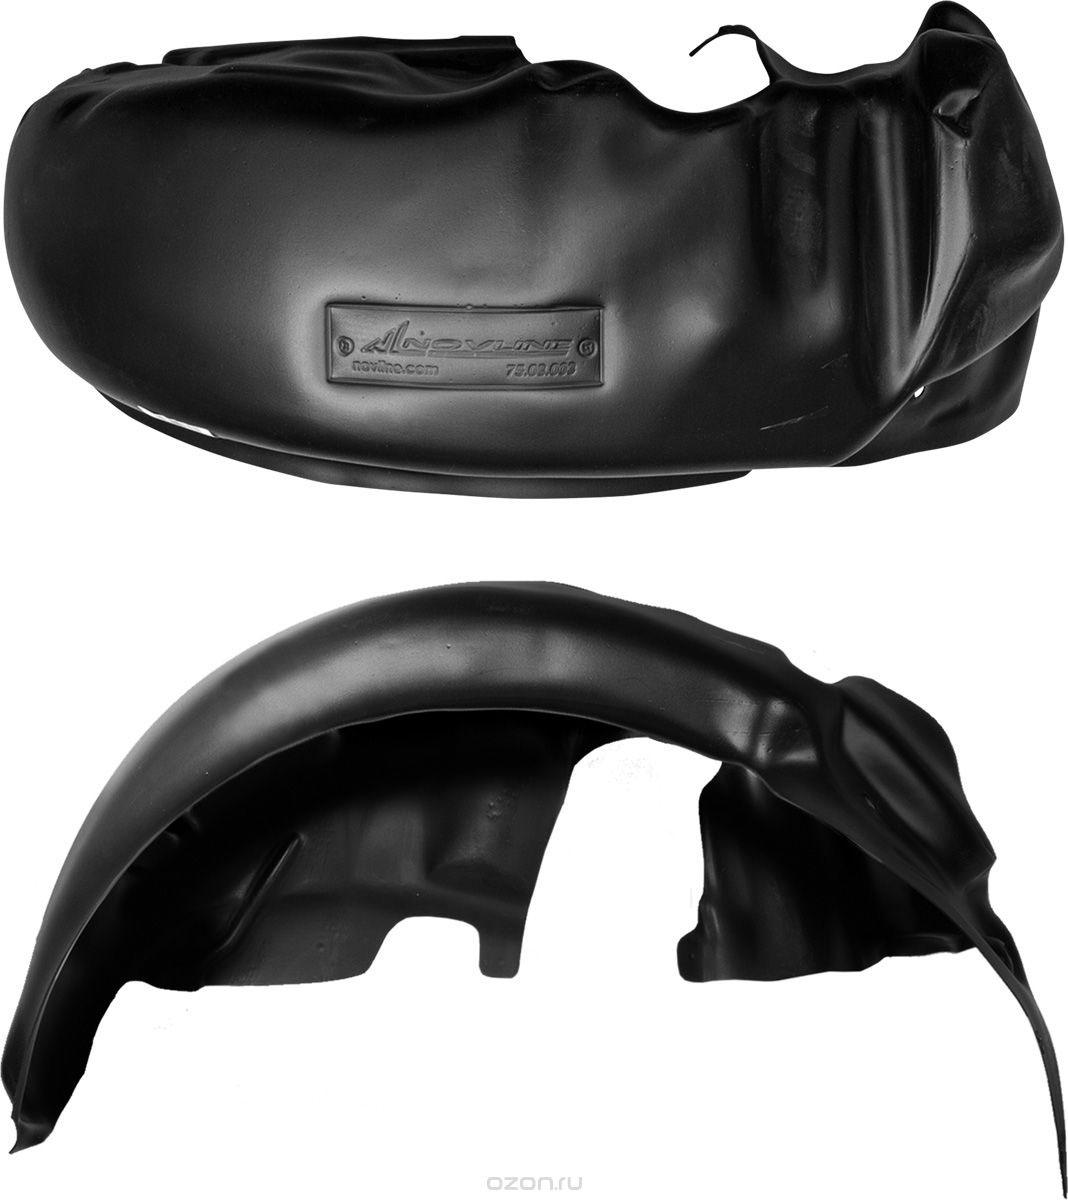 Подкрылок Novline-Autofamily, для TOYOTA Land Cruiser Prado 01/2003-2009, задний правыйNLL.48.01.004Идеальная защита колесной ниши. Локеры разработаны с применением цифровых технологий, гарантируют максимальную повторяемость поверхности арки. Изделия устанавливаются без нарушения лакокрасочного покрытия автомобиля, каждый подкрылок комплектуется крепежом. Уважаемые клиенты, обращаем ваше внимание, что фотографии на подкрылки универсальные и не отражают реальную форму изделия. При этом само изделие идет точно под размер указанного автомобиля.